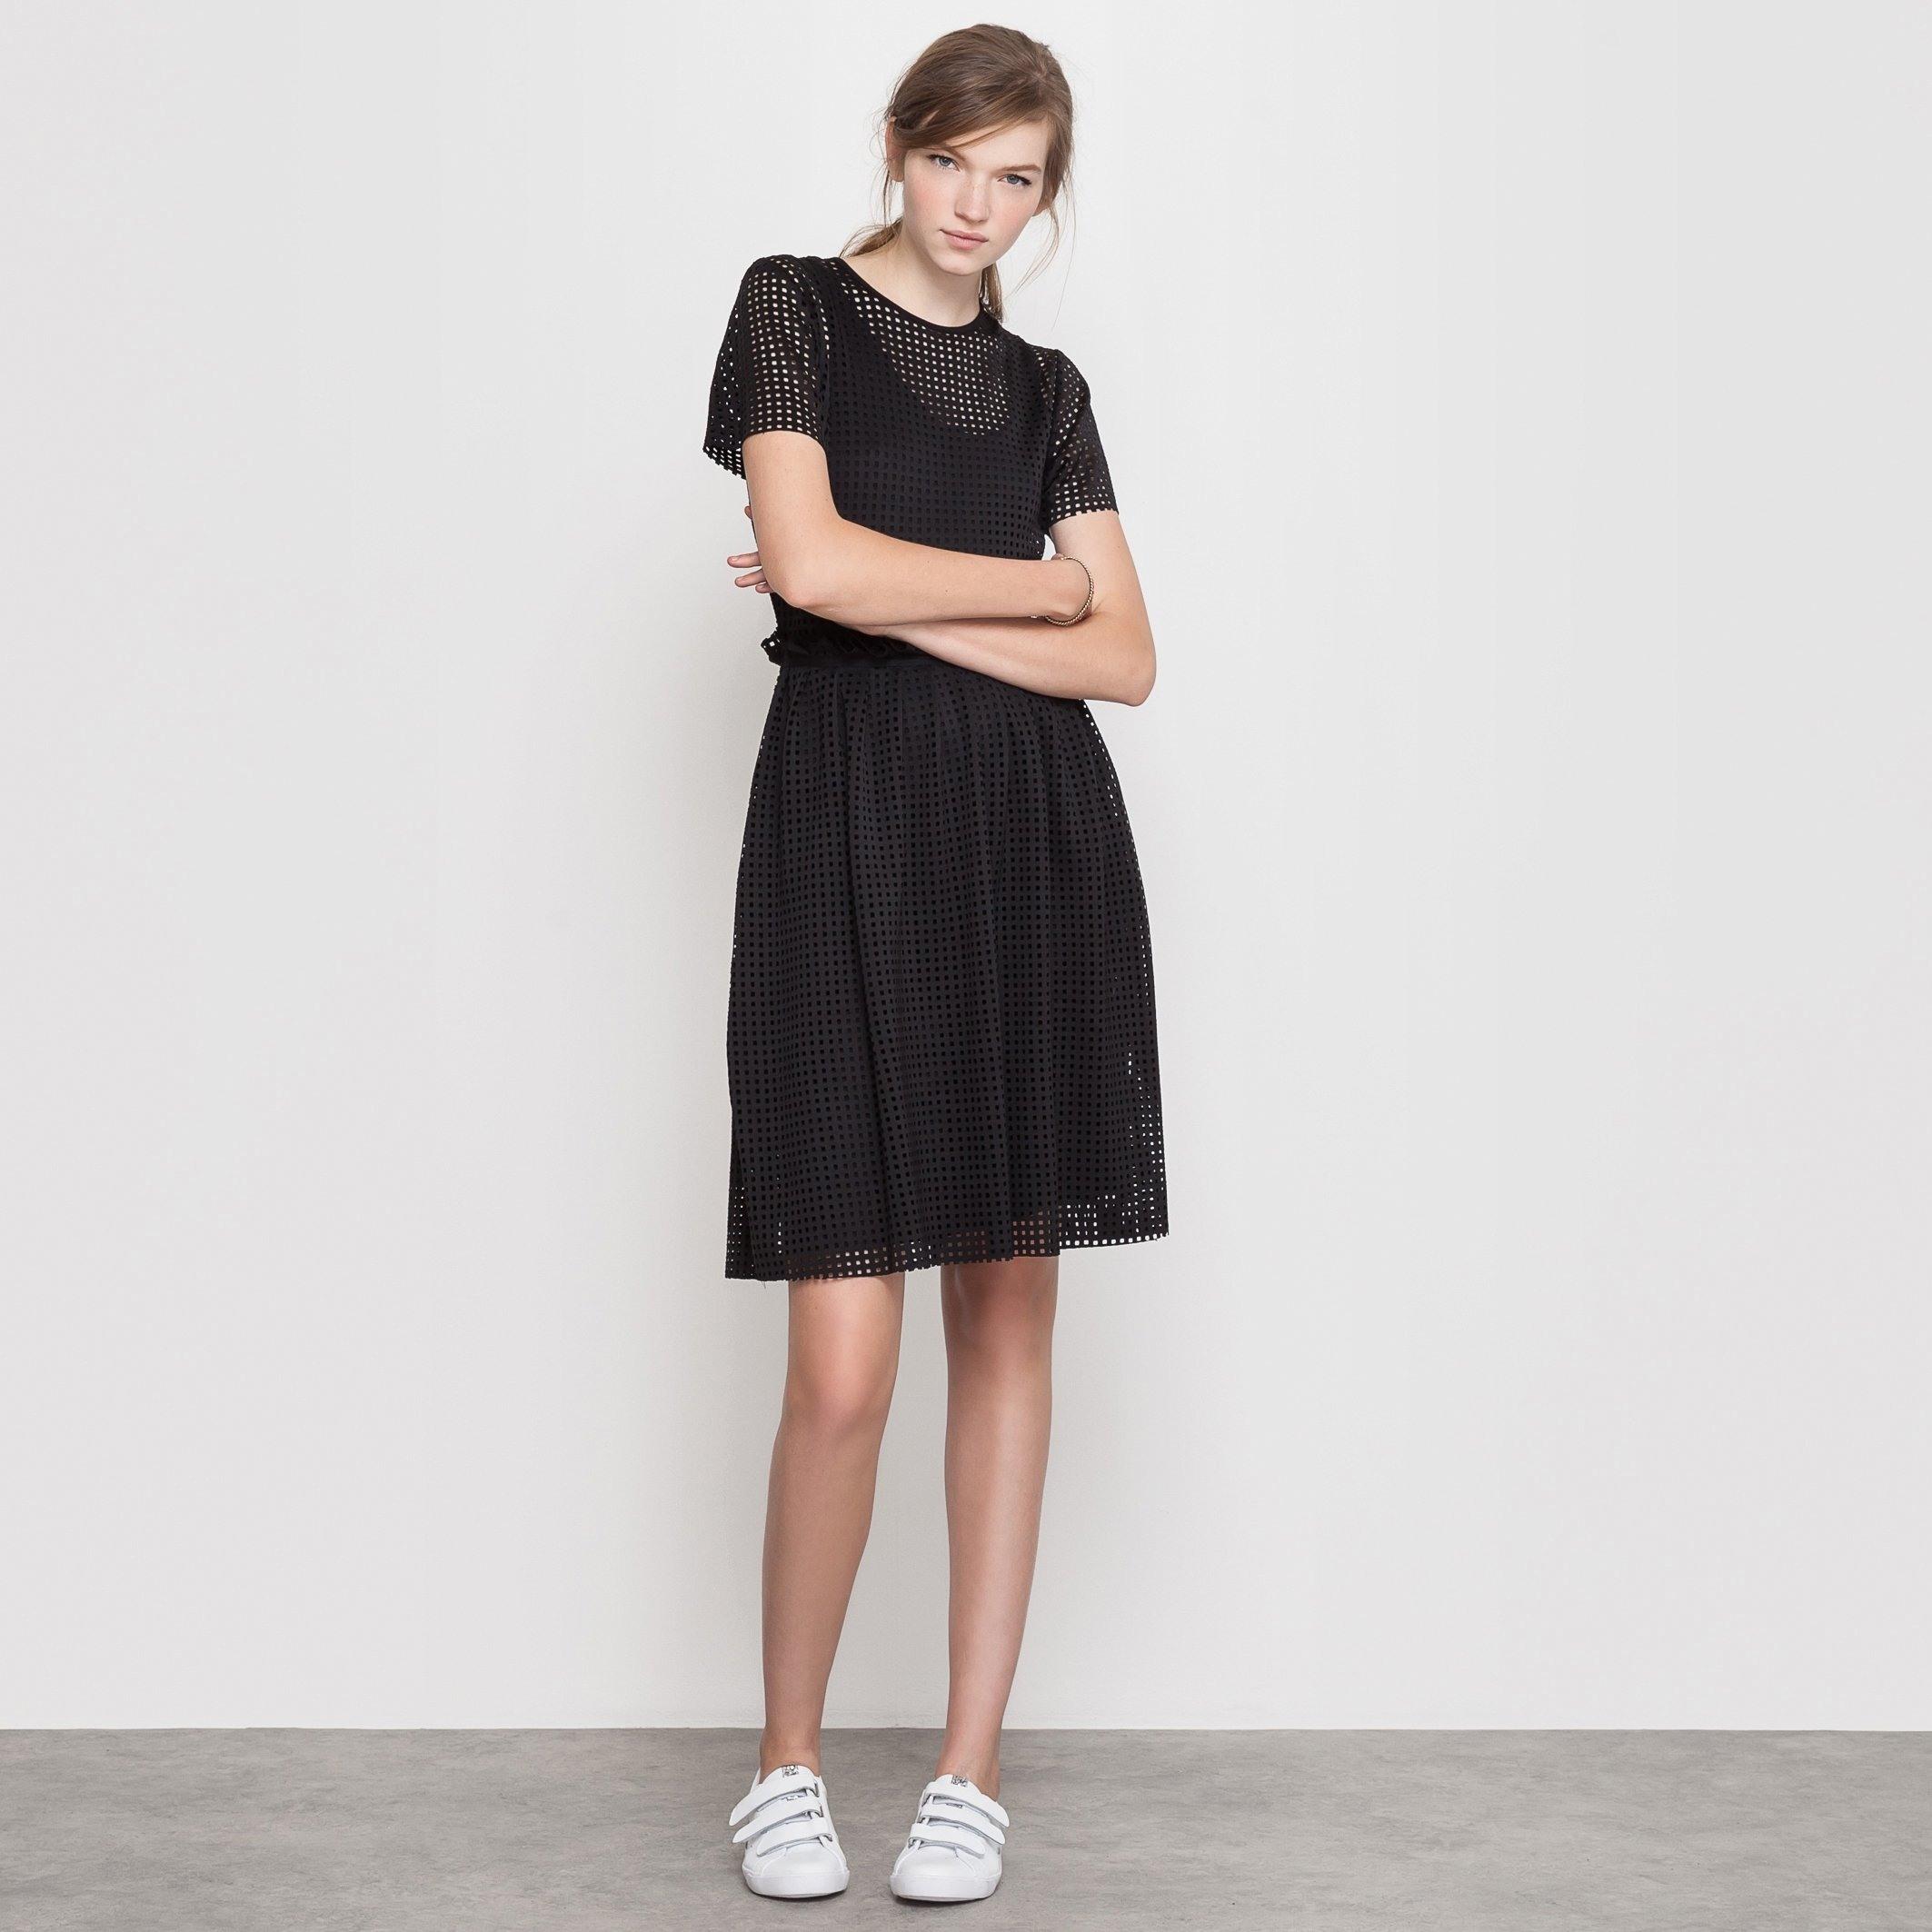 20 Schön Kleid Schwarz Rosa für 2019Designer Einzigartig Kleid Schwarz Rosa Design